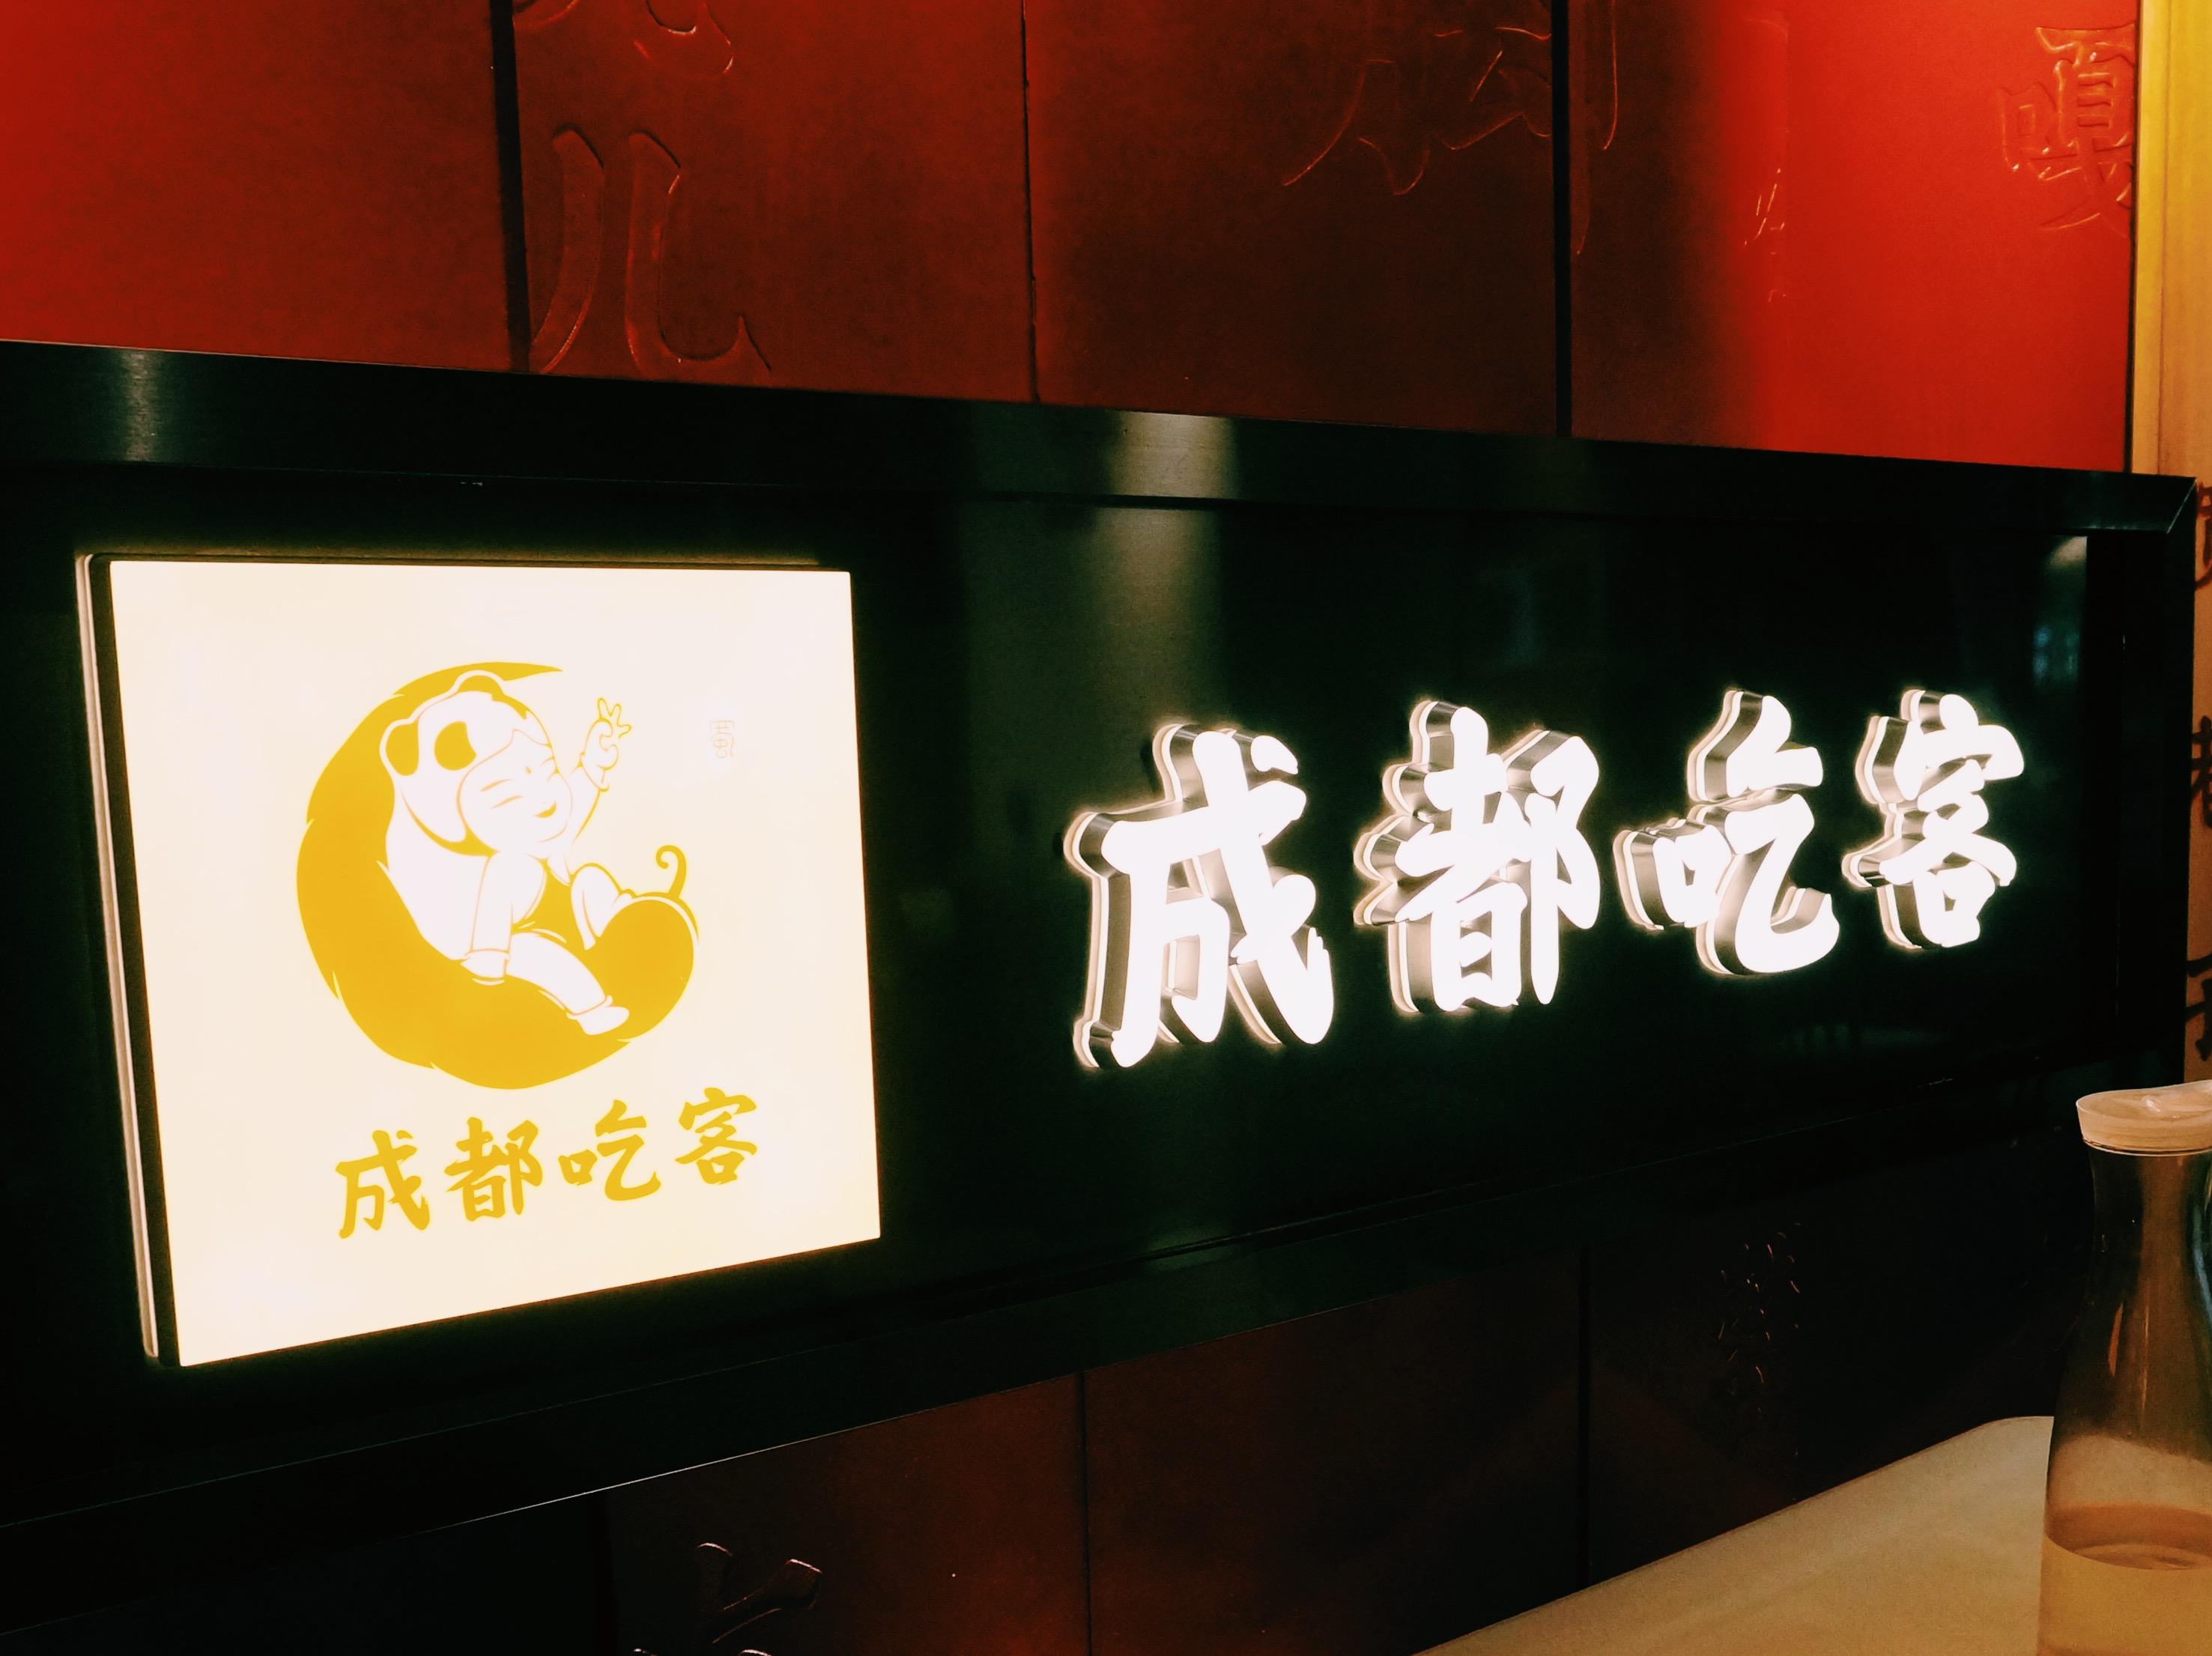 """打卡必吃榜网红美食,慢游""""最成都"""""""